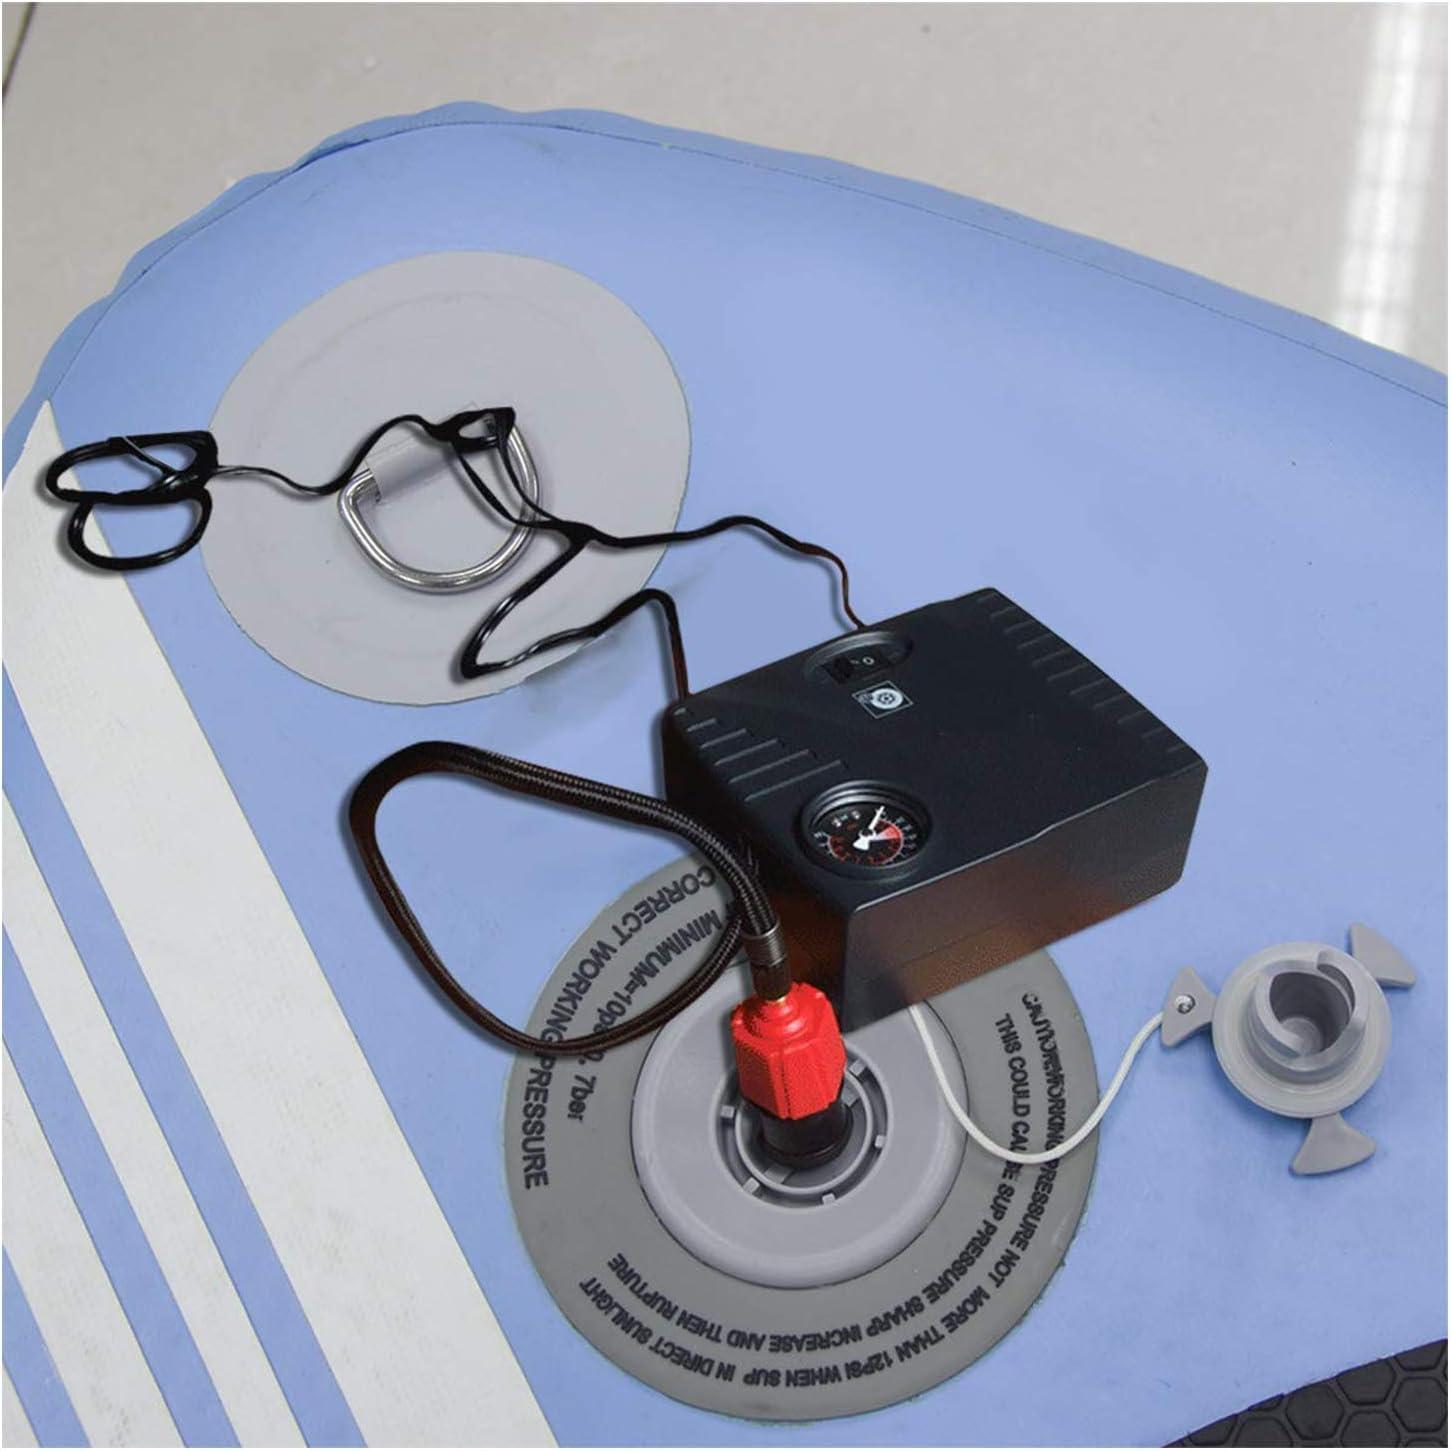 Oumers Adaptador Inflable de la Bomba de Sup Convertidor de la Bomba de Aire Cama Inflable Tabla de Remo de pie Accesorio de v/álvula de Aire Convencional de 4 est/ándares para Bote Inflable etc.